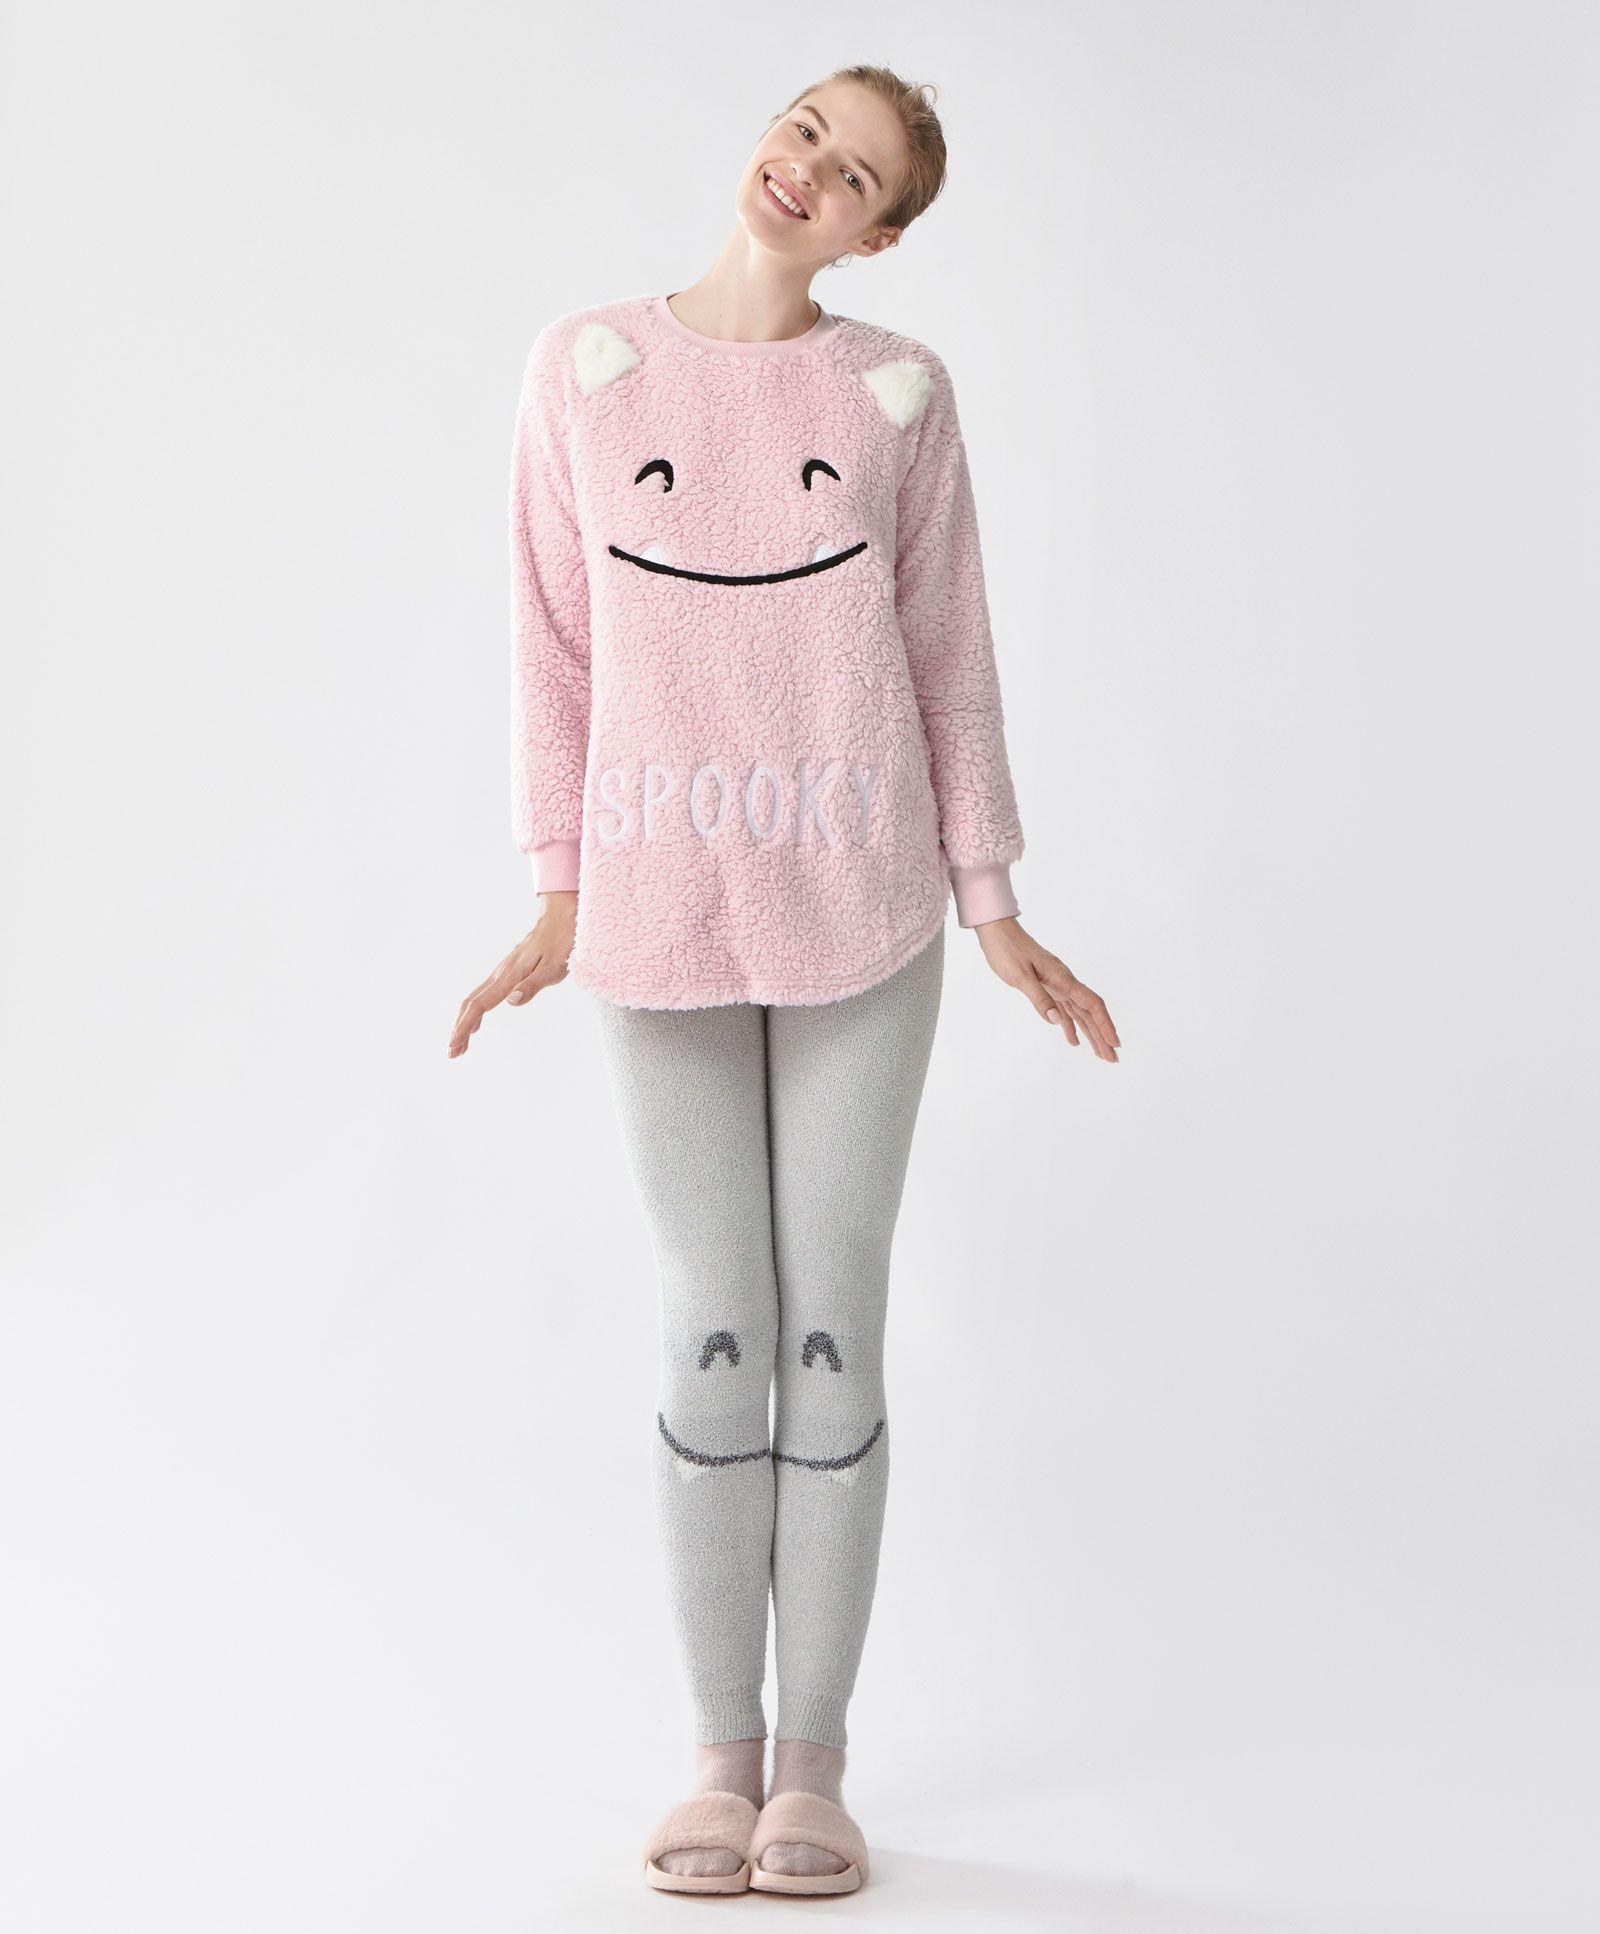 Sudadera Pyjamas Sleepwear Spooky Pijamas Todo Ver Oysho a4vaF